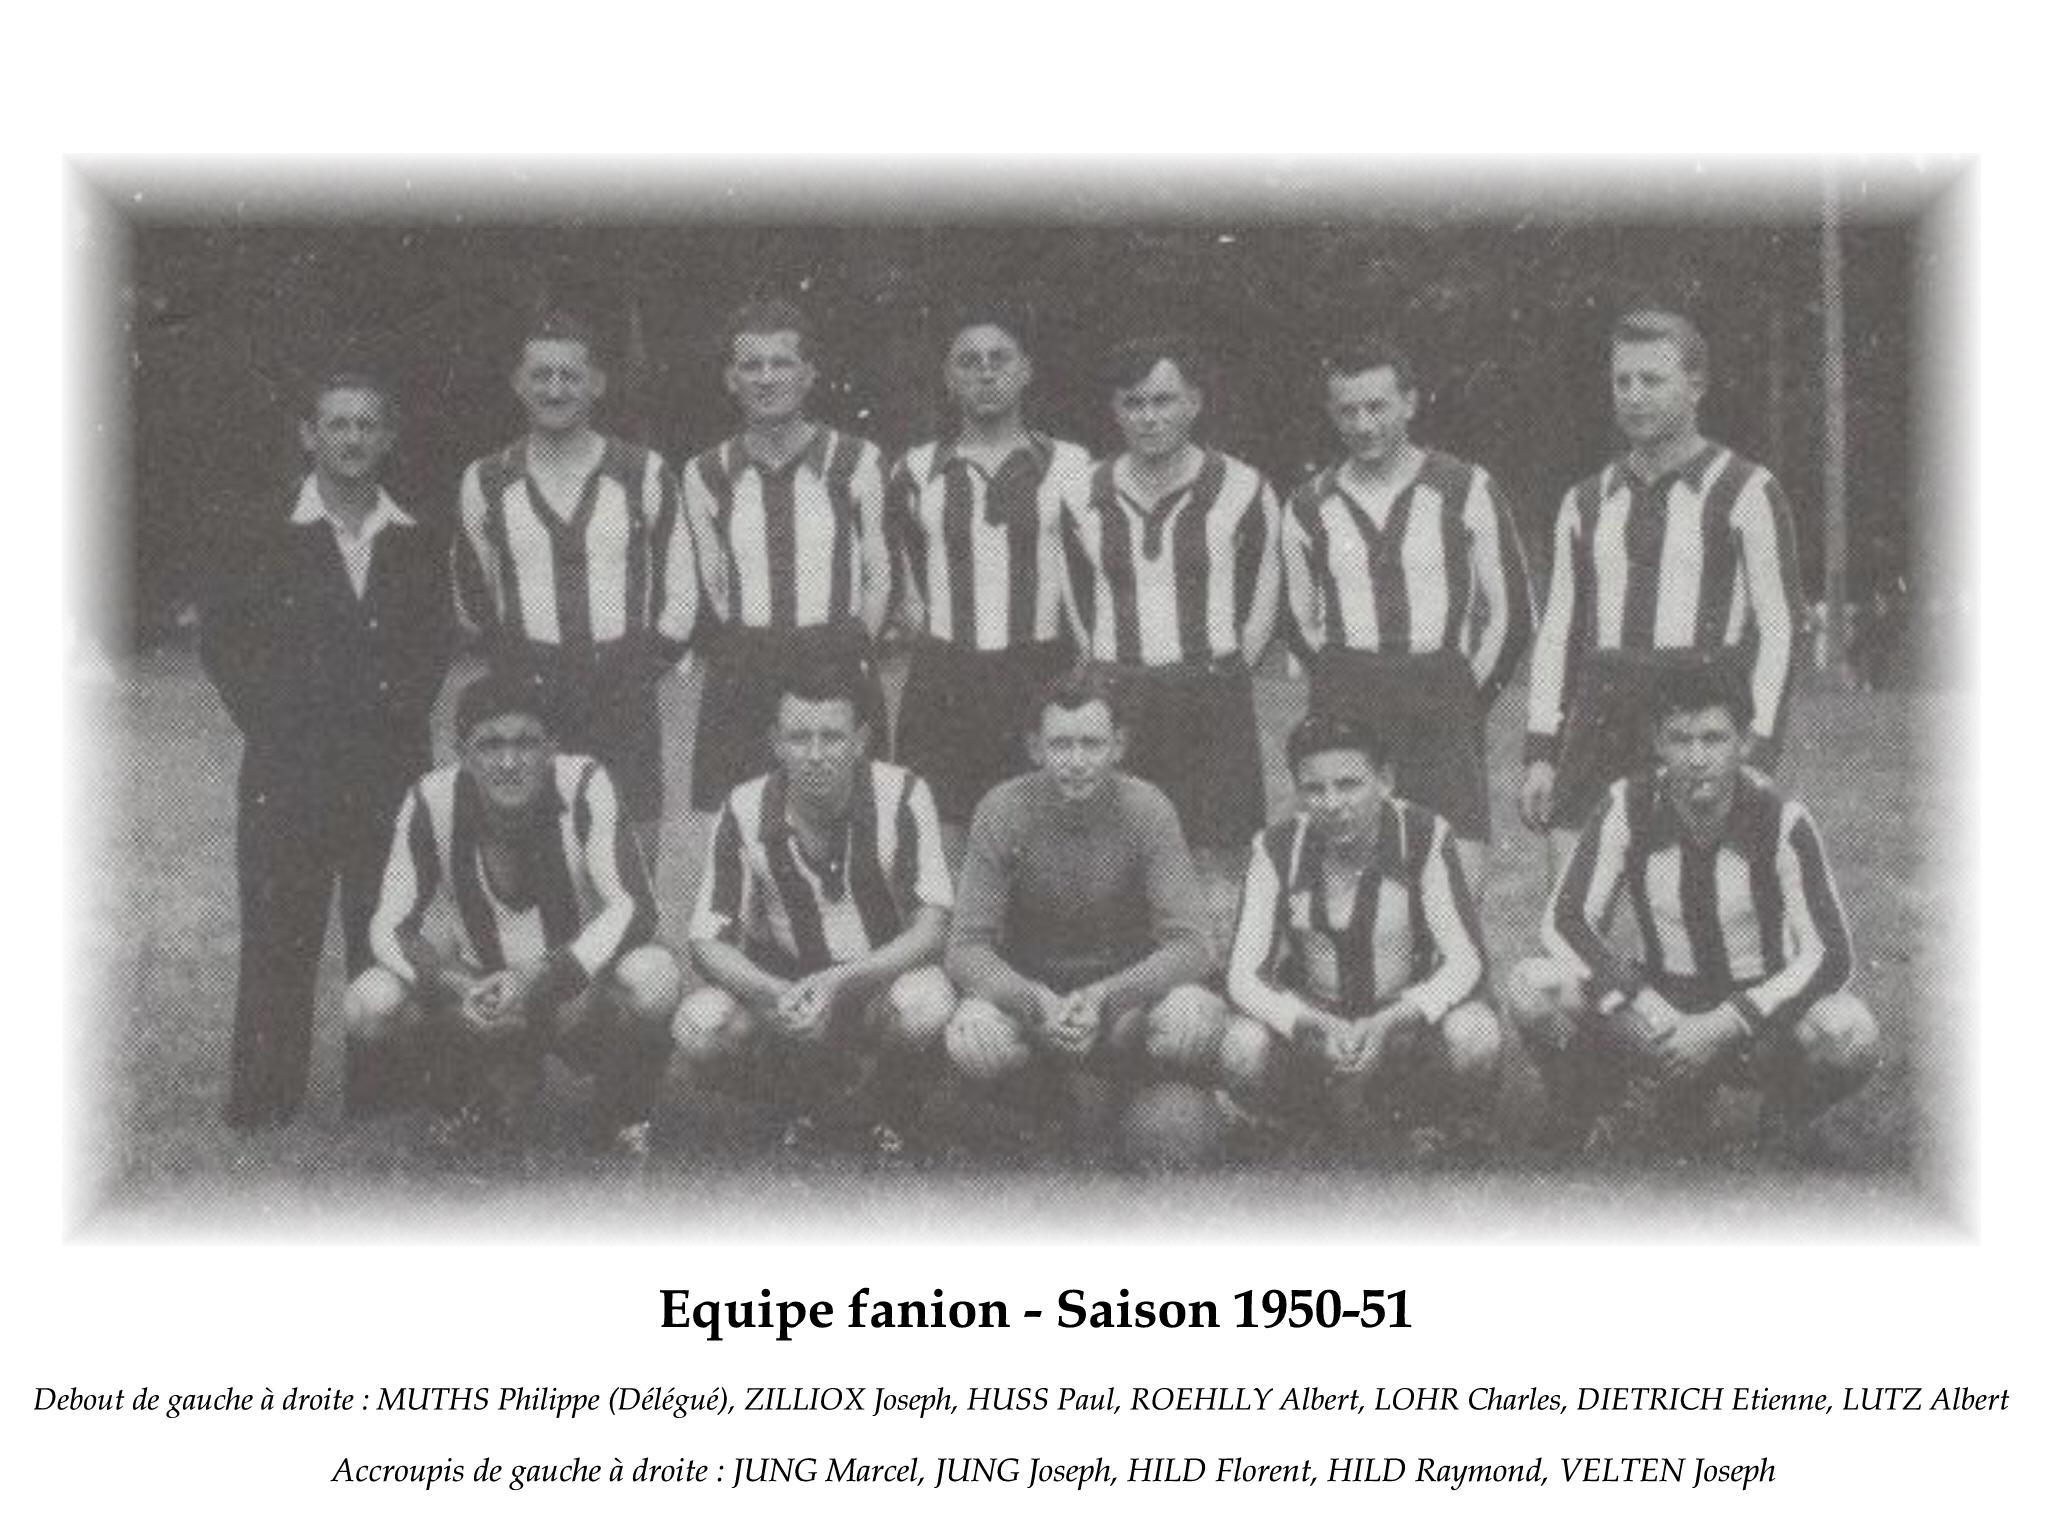 Annees 1950-51